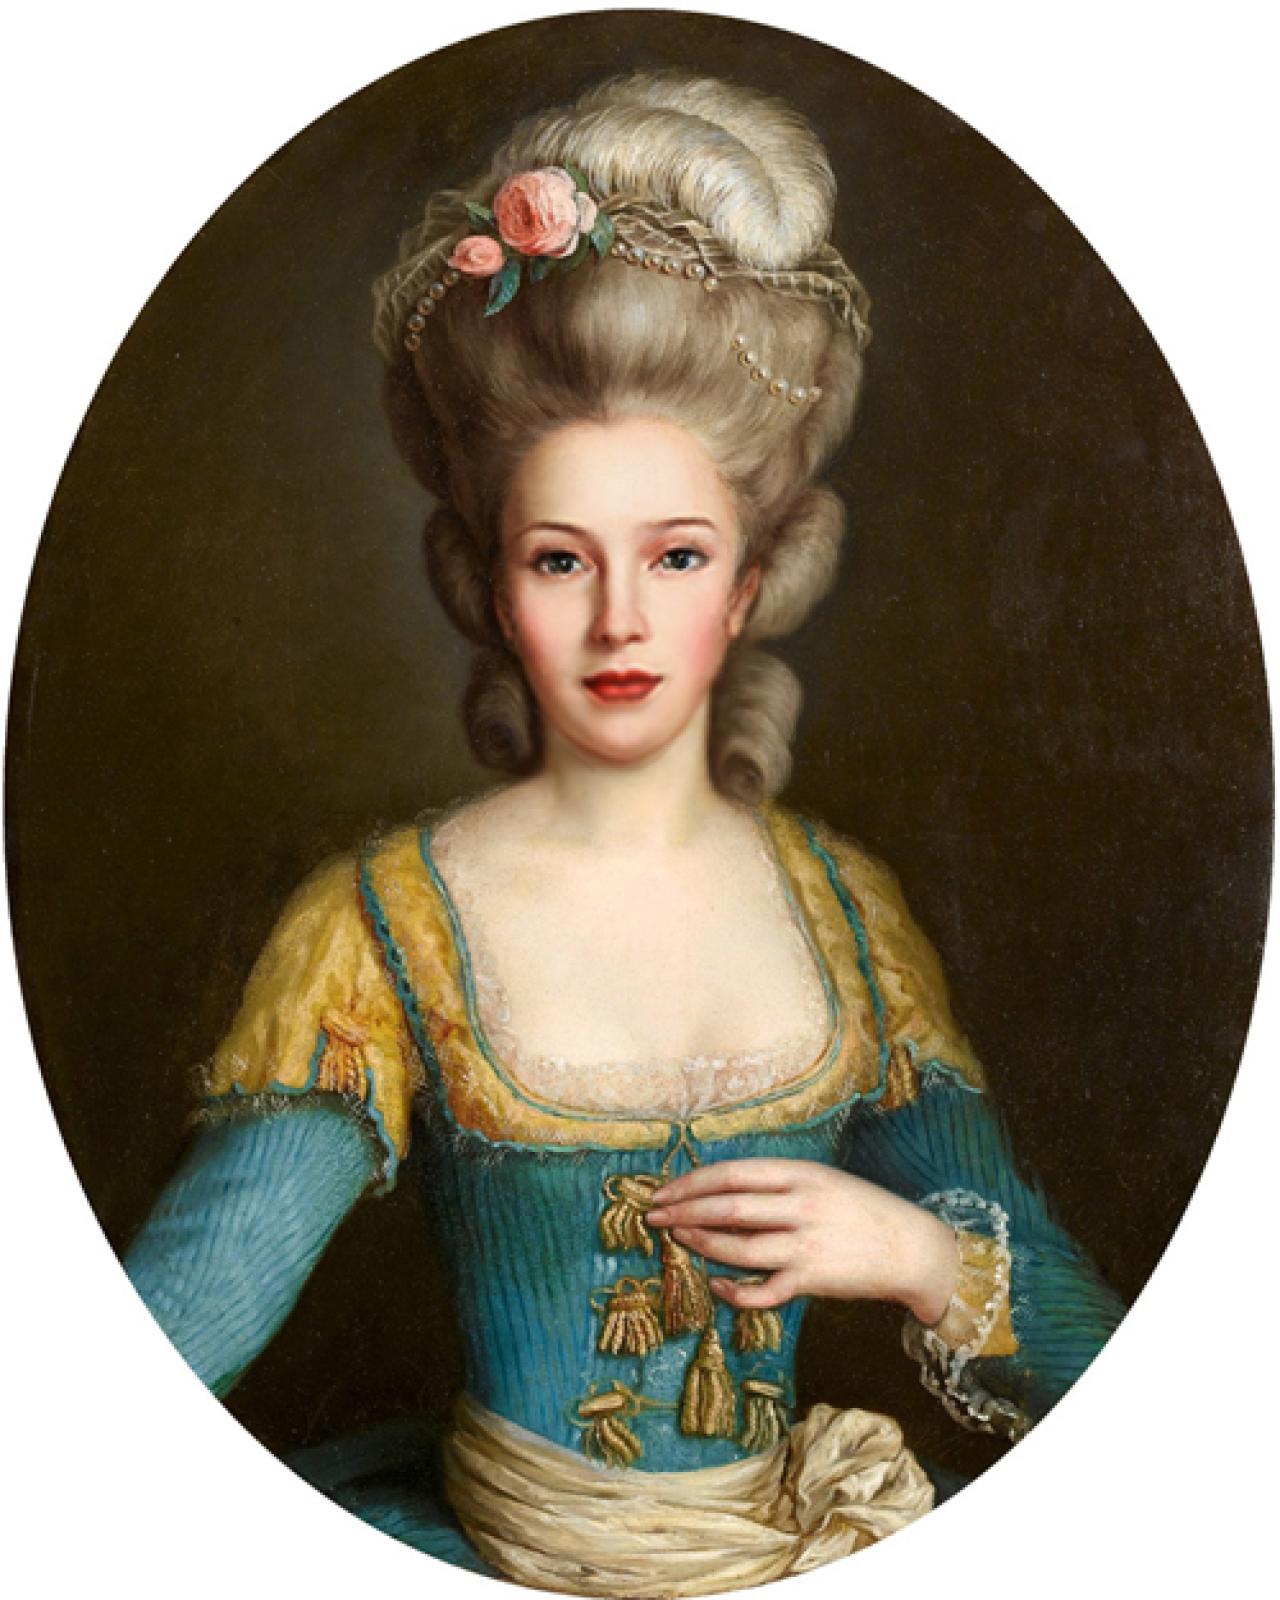 Женские прически 18 века